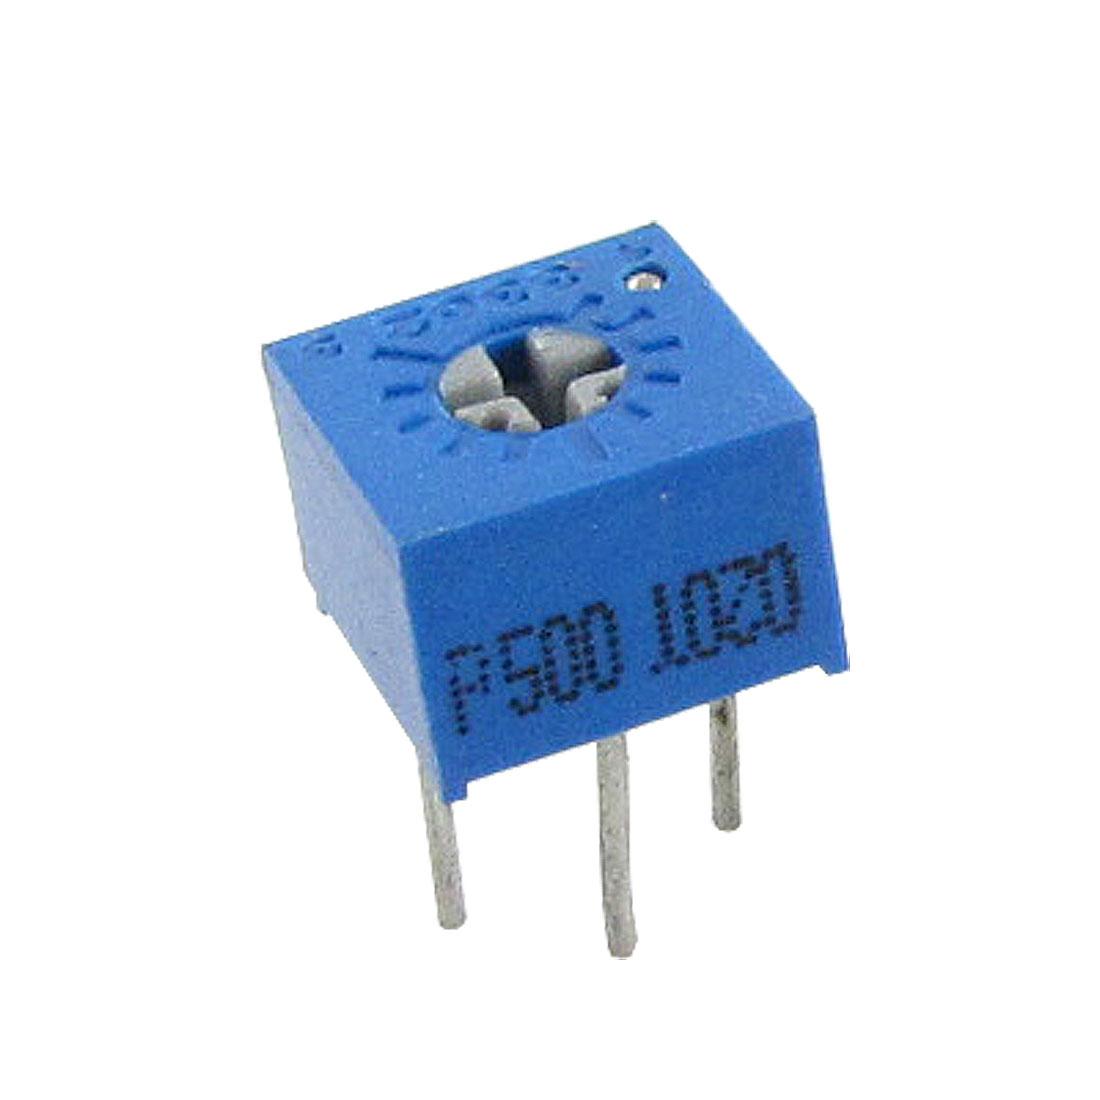 3362P 50 ohm Trimmer Pot Potentiometers Variable Resistors 50pcs